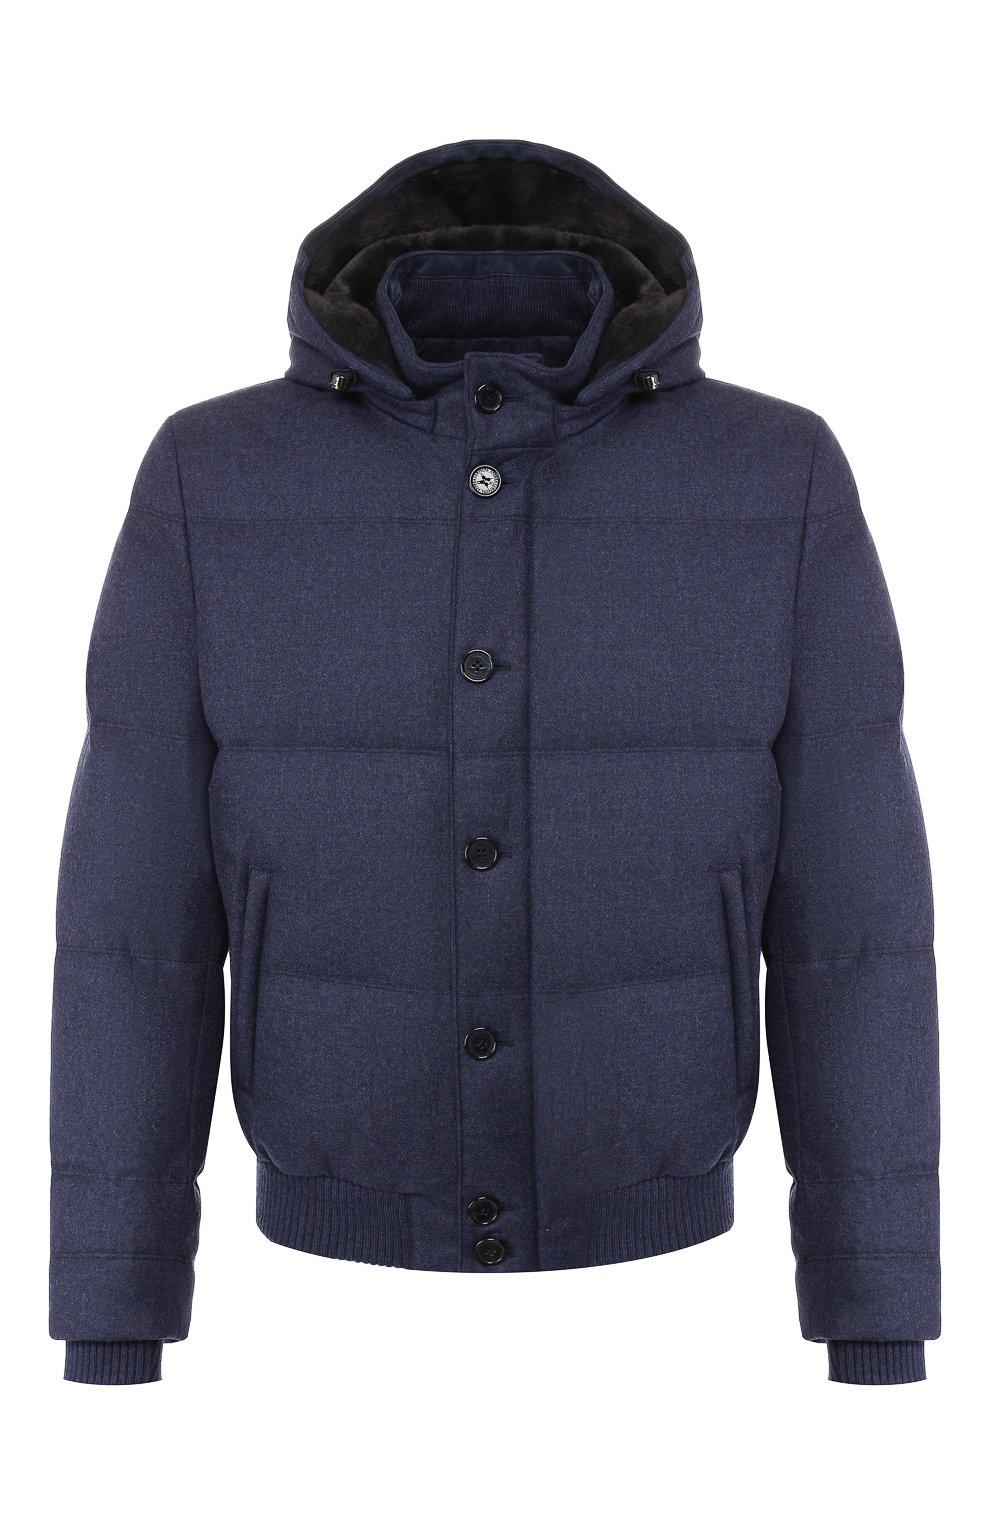 Мужской пуховый бомбер ANDREA CAMPAGNA синего цвета, арт. A8T711/3813 | Фото 1 (Кросс-КТ: Куртка; Мужское Кросс-КТ: пуховик-короткий, Пуховик-верхняя одежда, Верхняя одежда; Материал внешний: Шерсть; Рукава: Длинные; Принт: Без принта; Материал подклада: Синтетический материал; Длина (верхняя одежда): Короткие; Материал утеплителя: Пух и перо; Стили: Кэжуэл)